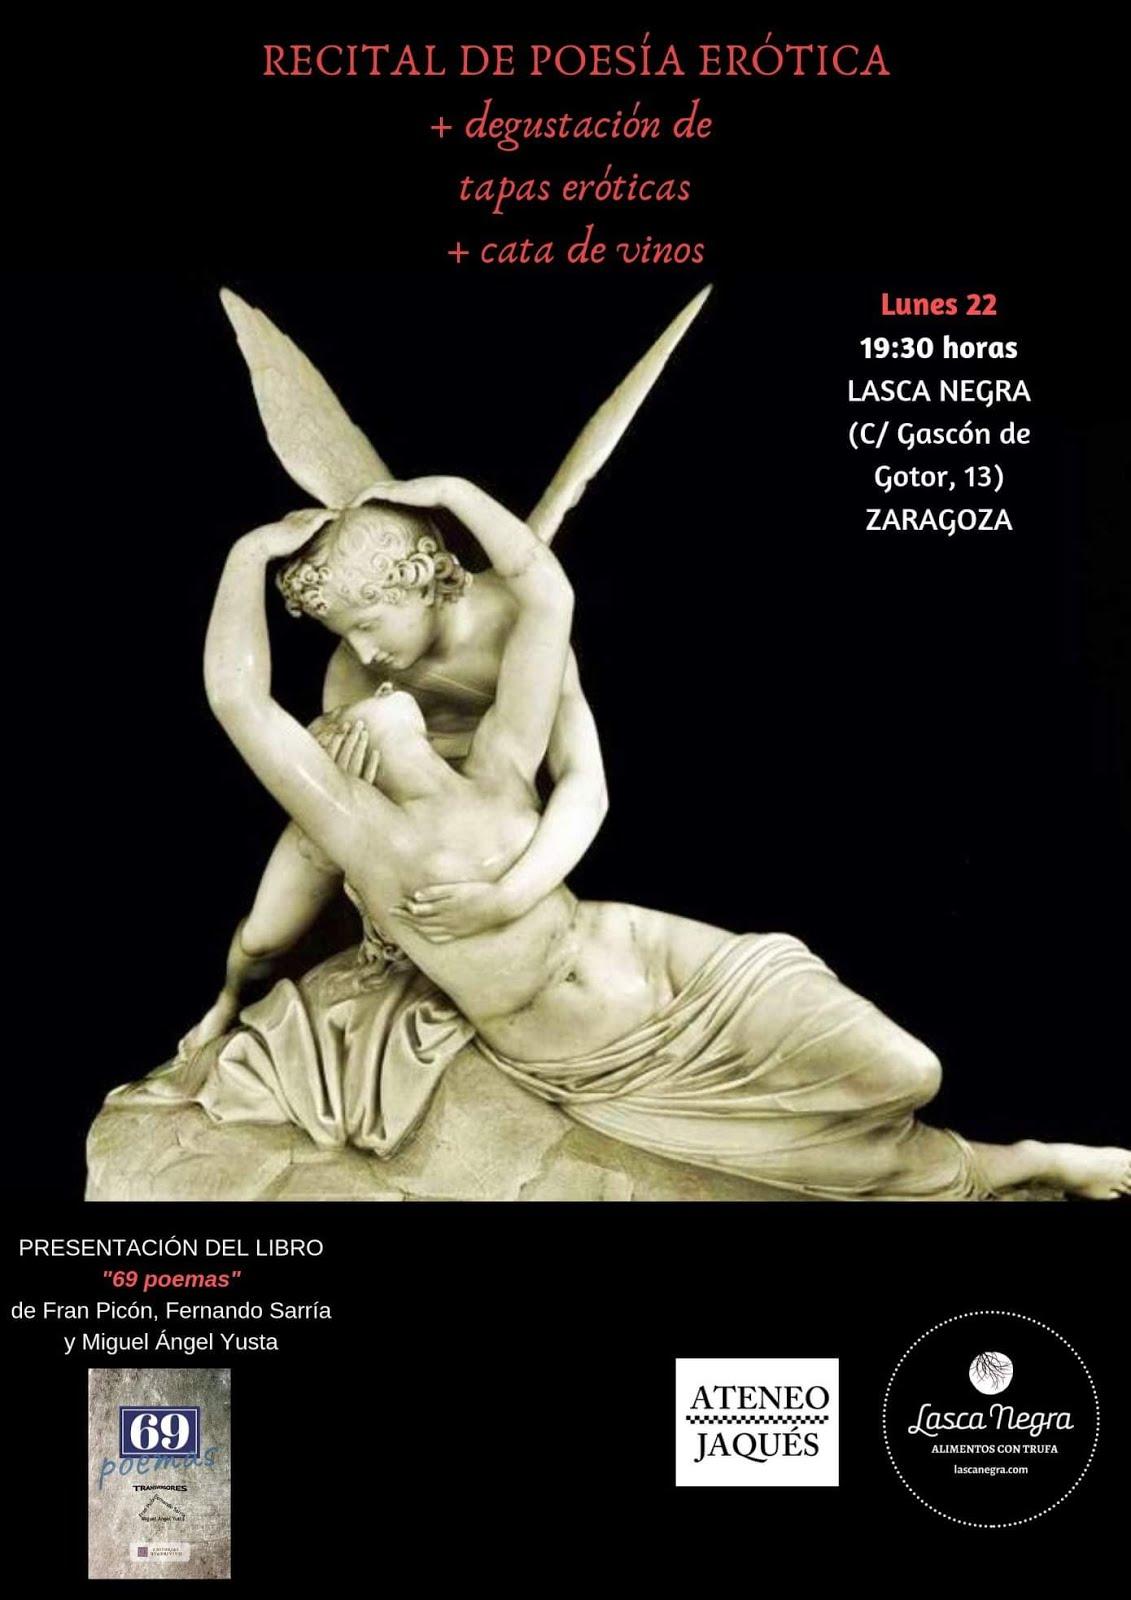 Lunes 22, 19 horas: Recital de poesía erótica y degustación de tapas